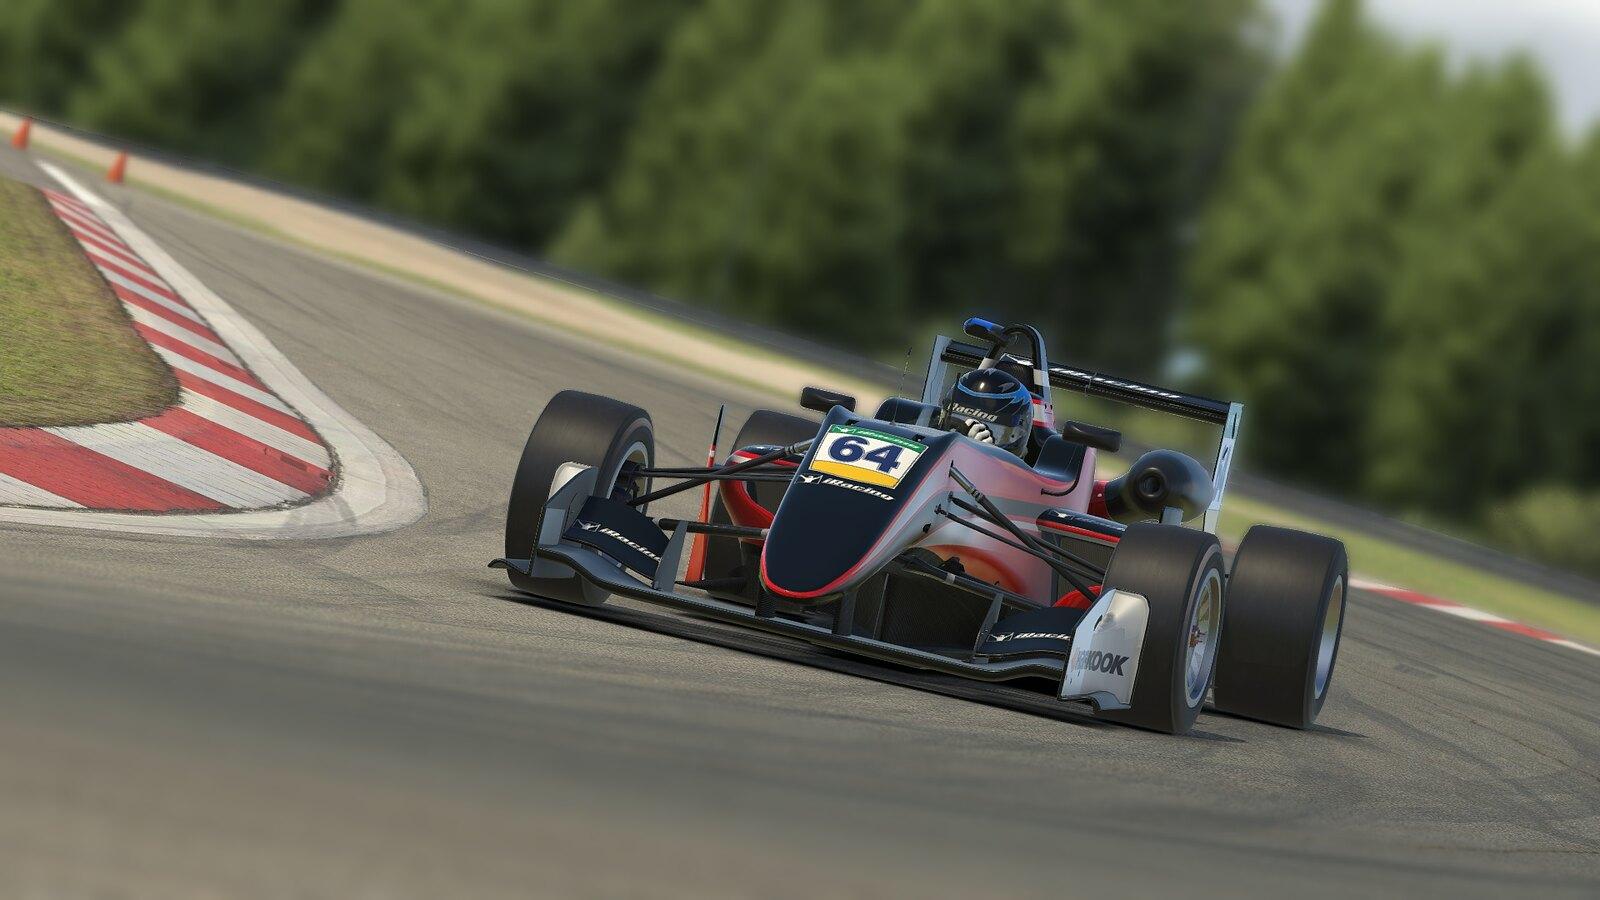 iRacing-Motorsport-Simulator-Screenshot-2018.11.20-11.11.26.42